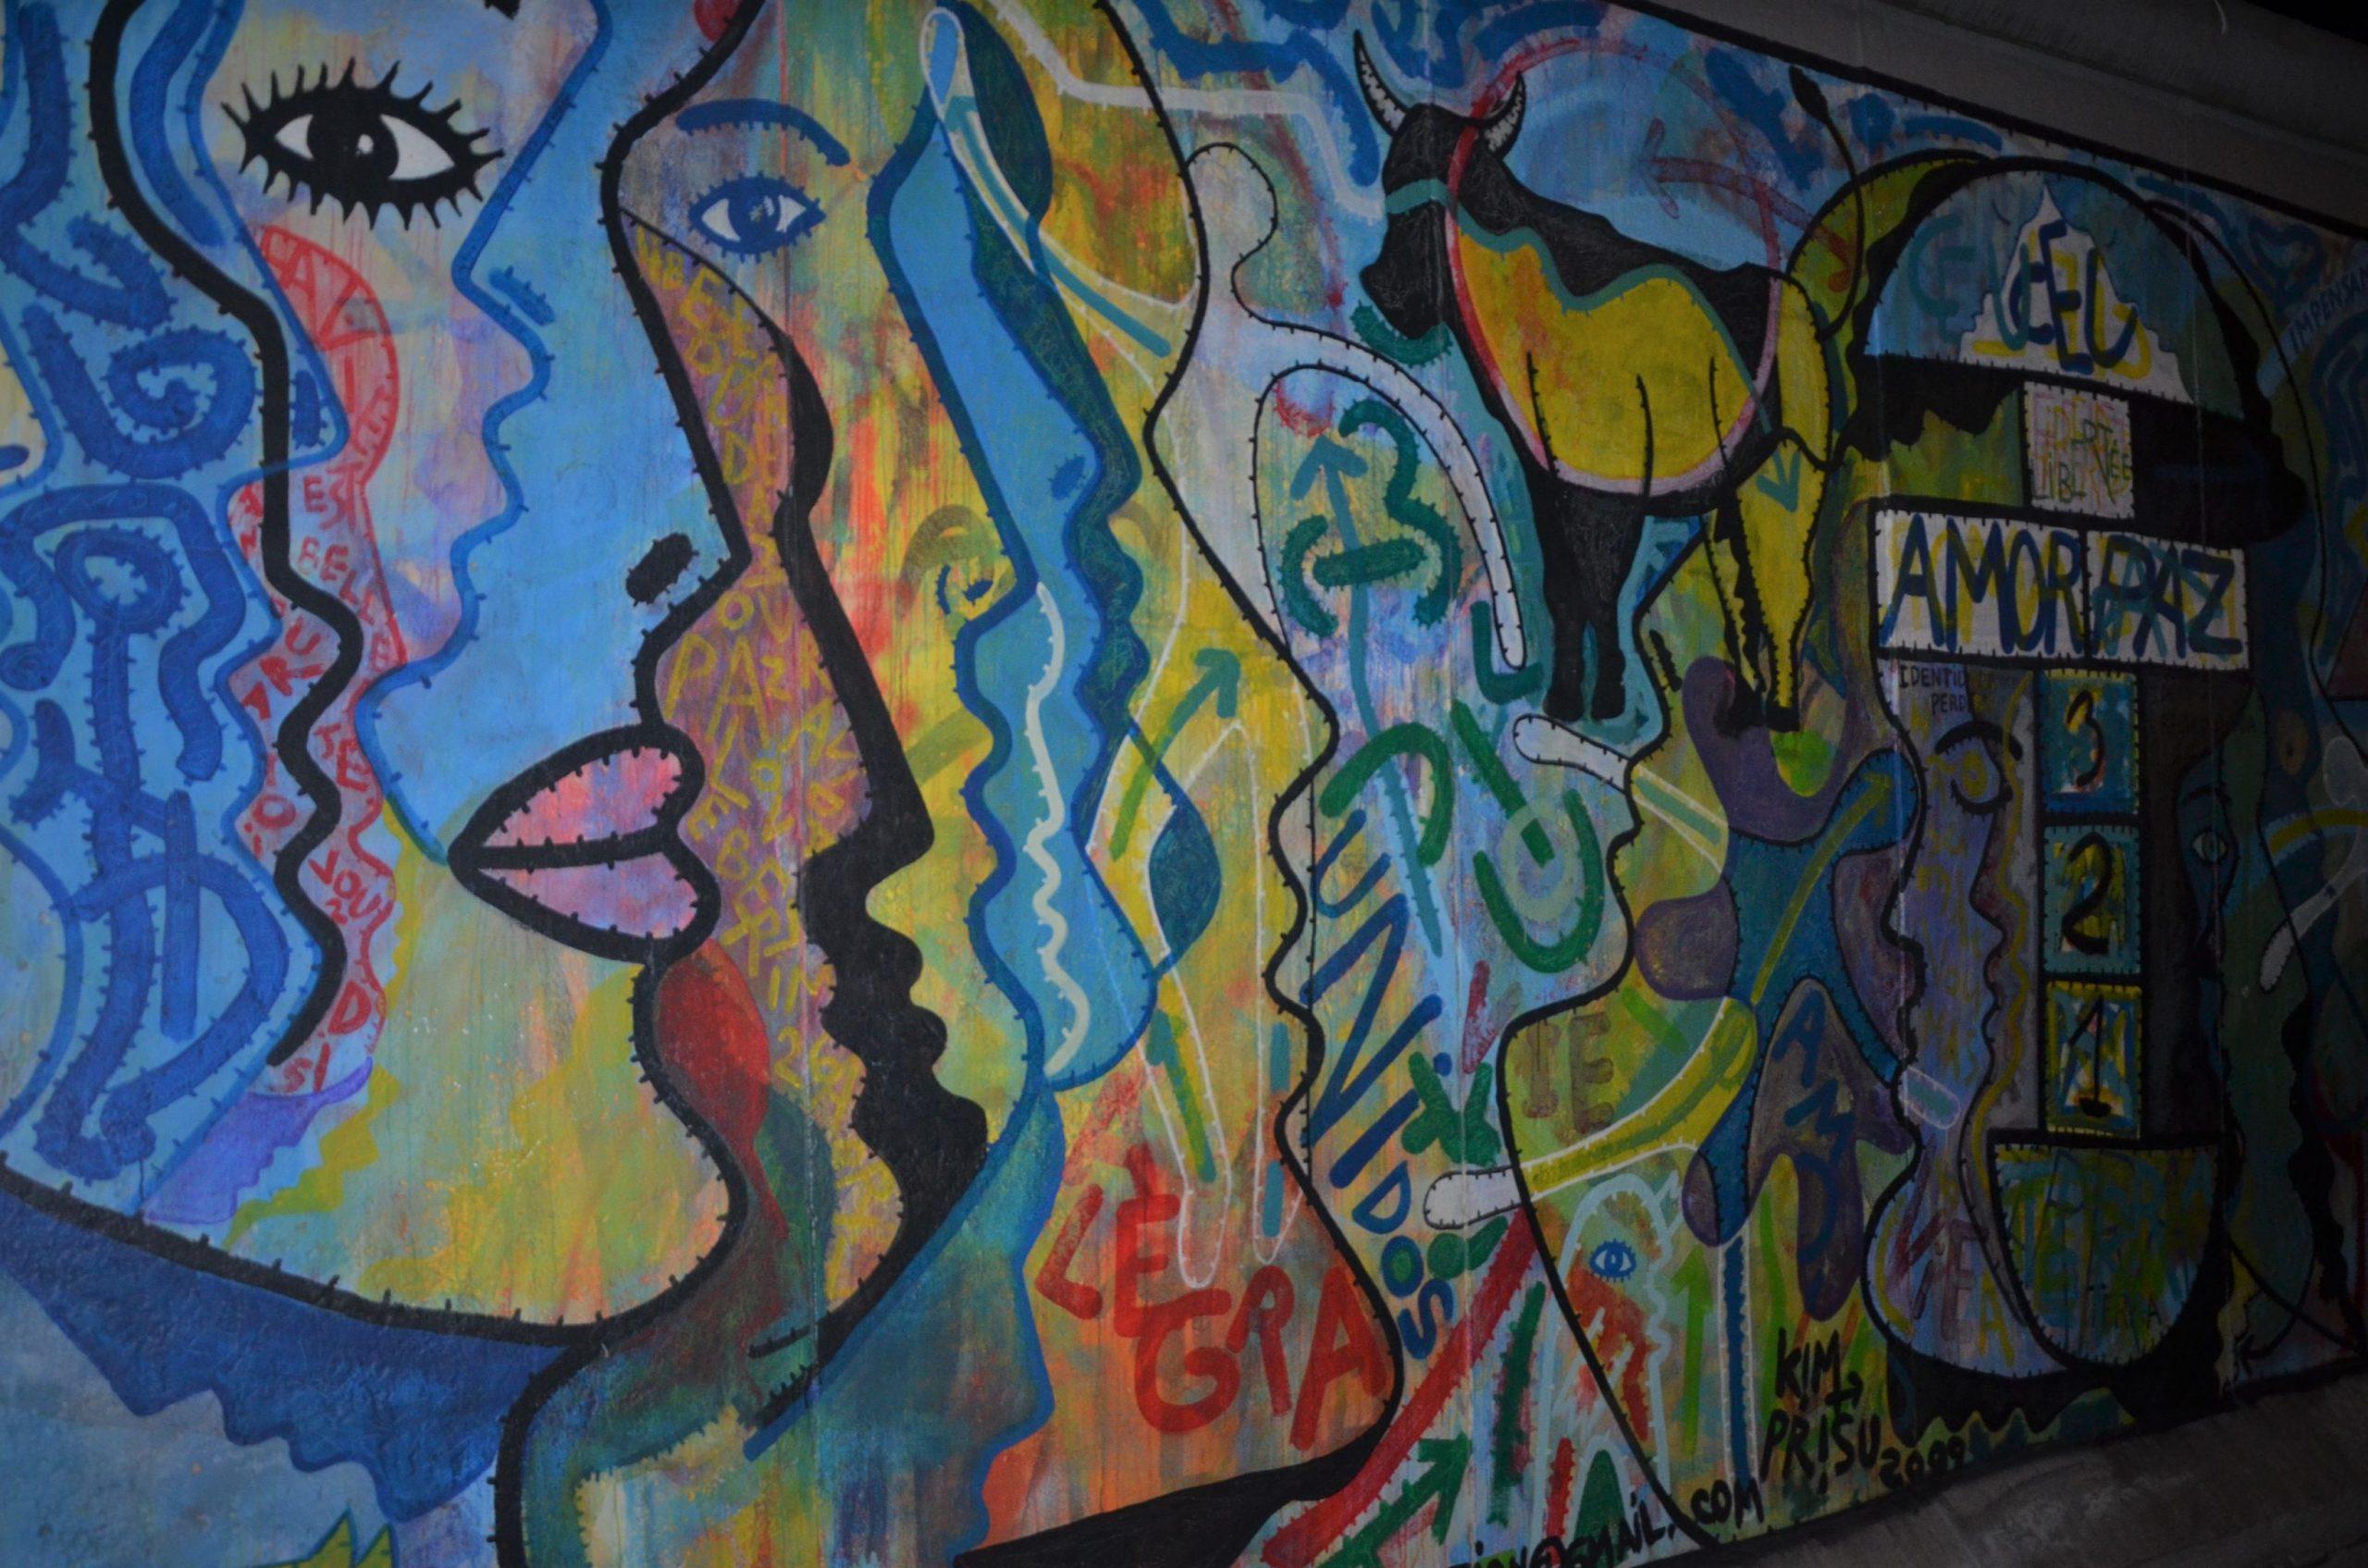 Berlin wall graf 2